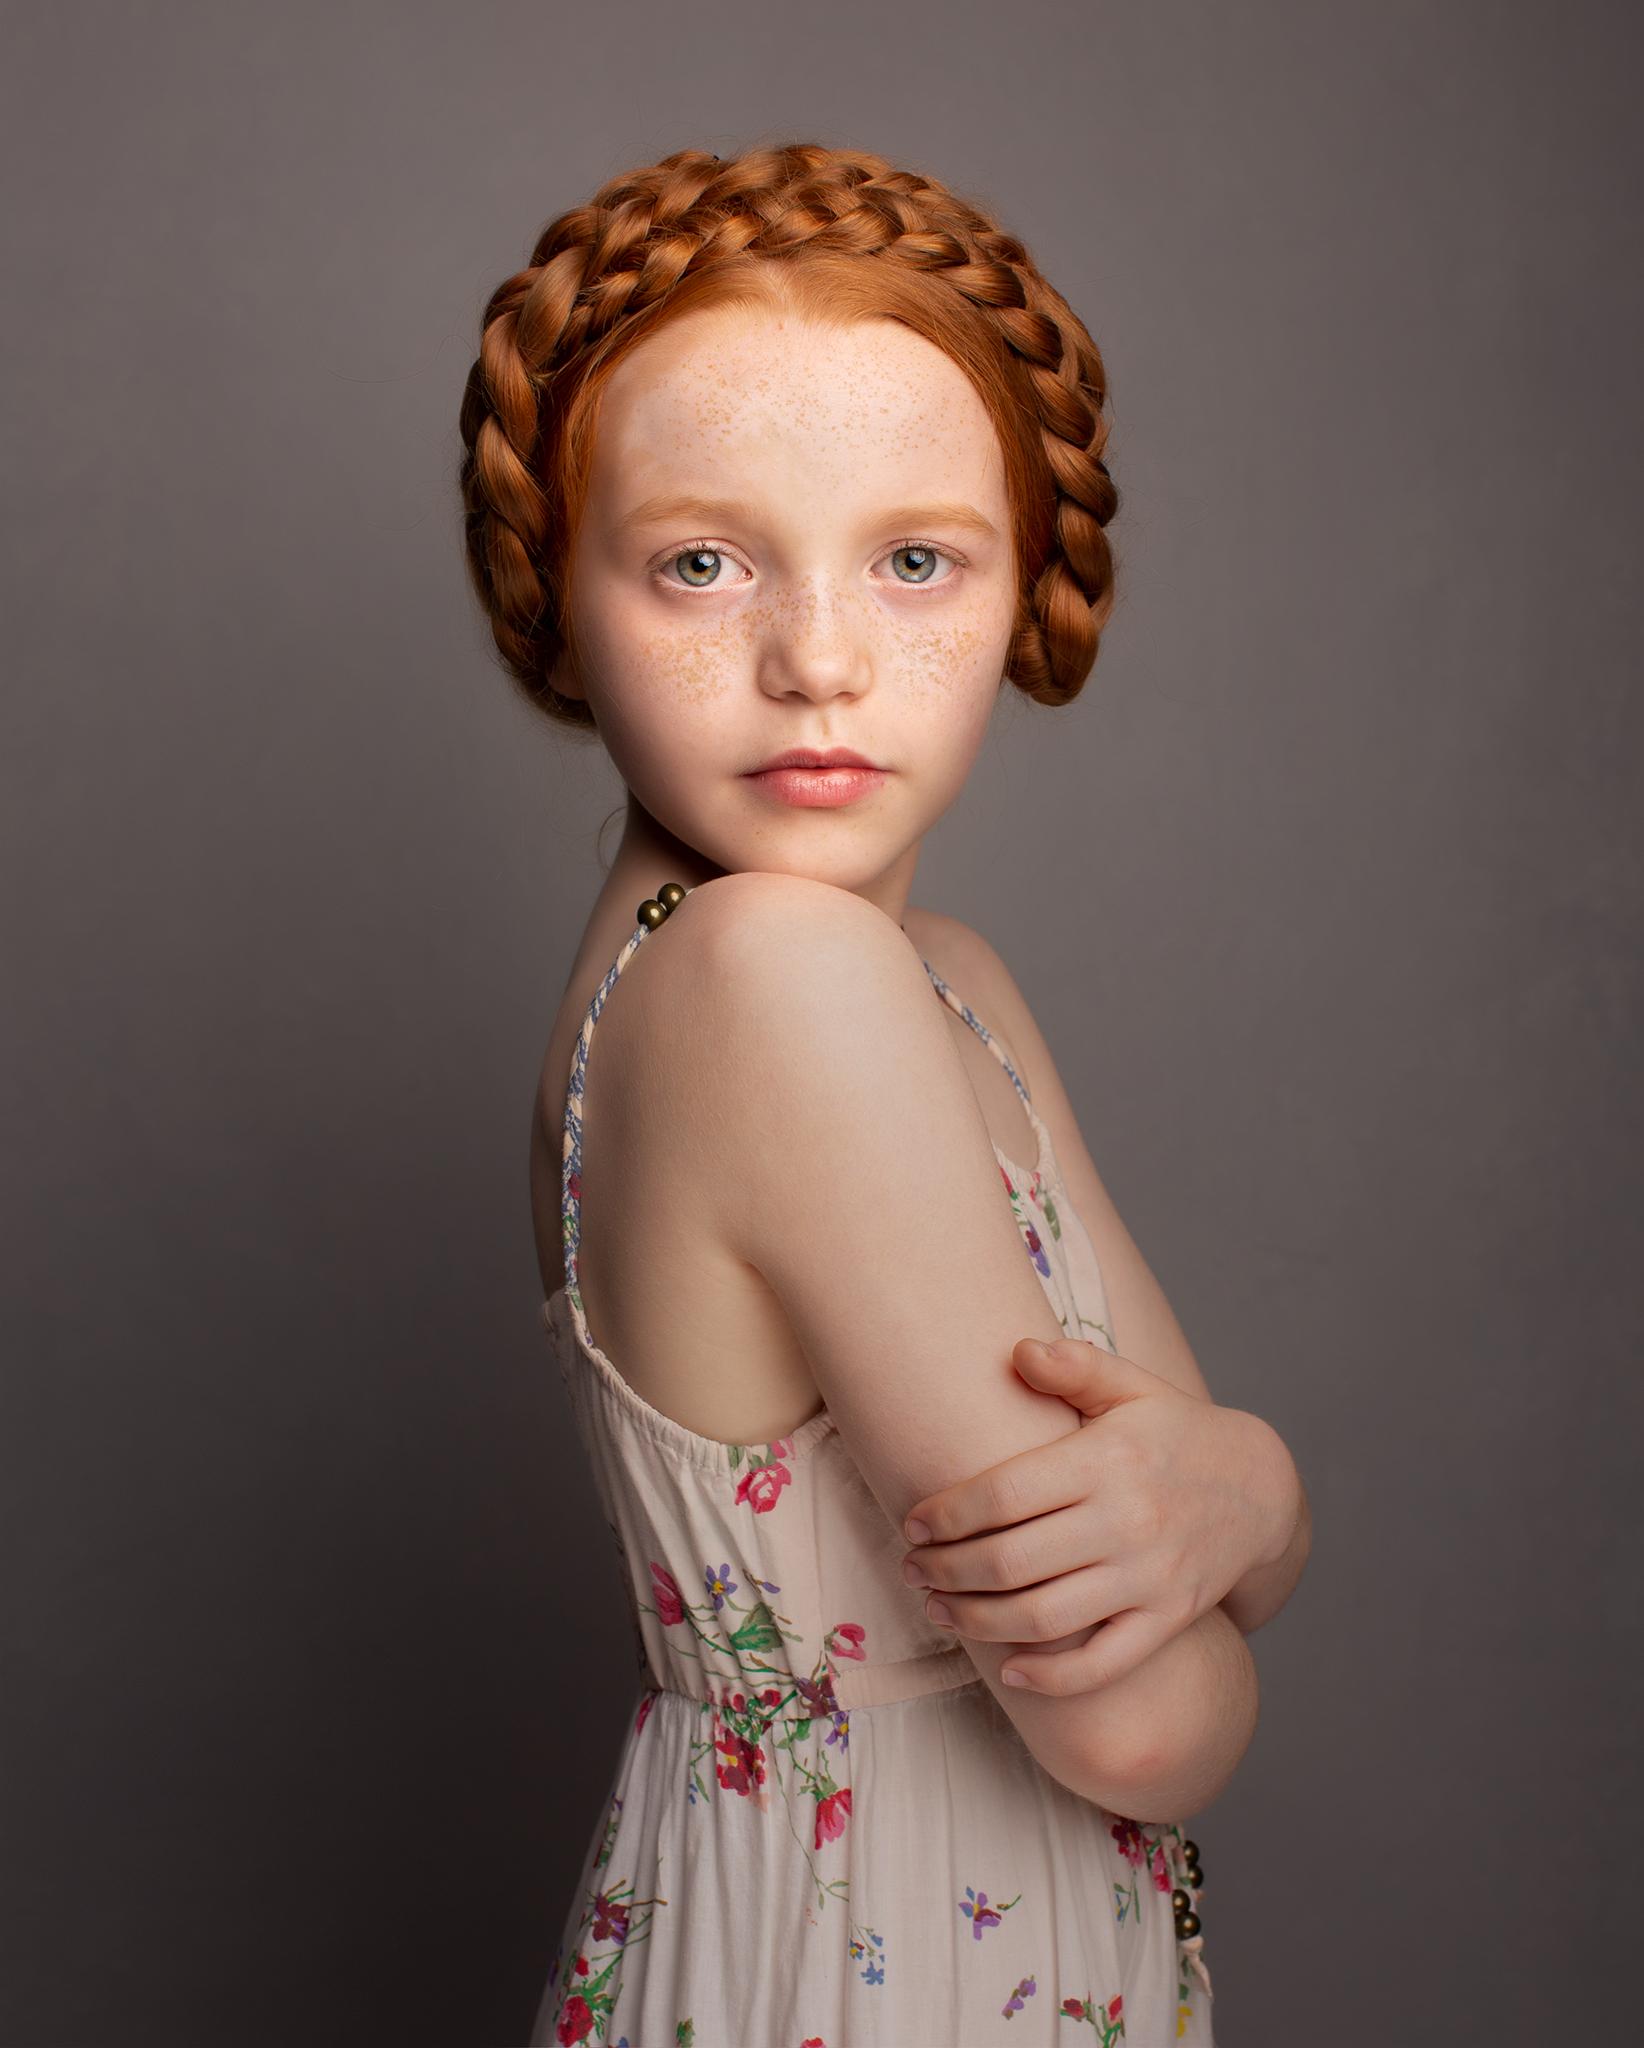 elizabethg_fineart_portrait_photography_niamh_elliottparkermanagement_002.jpg